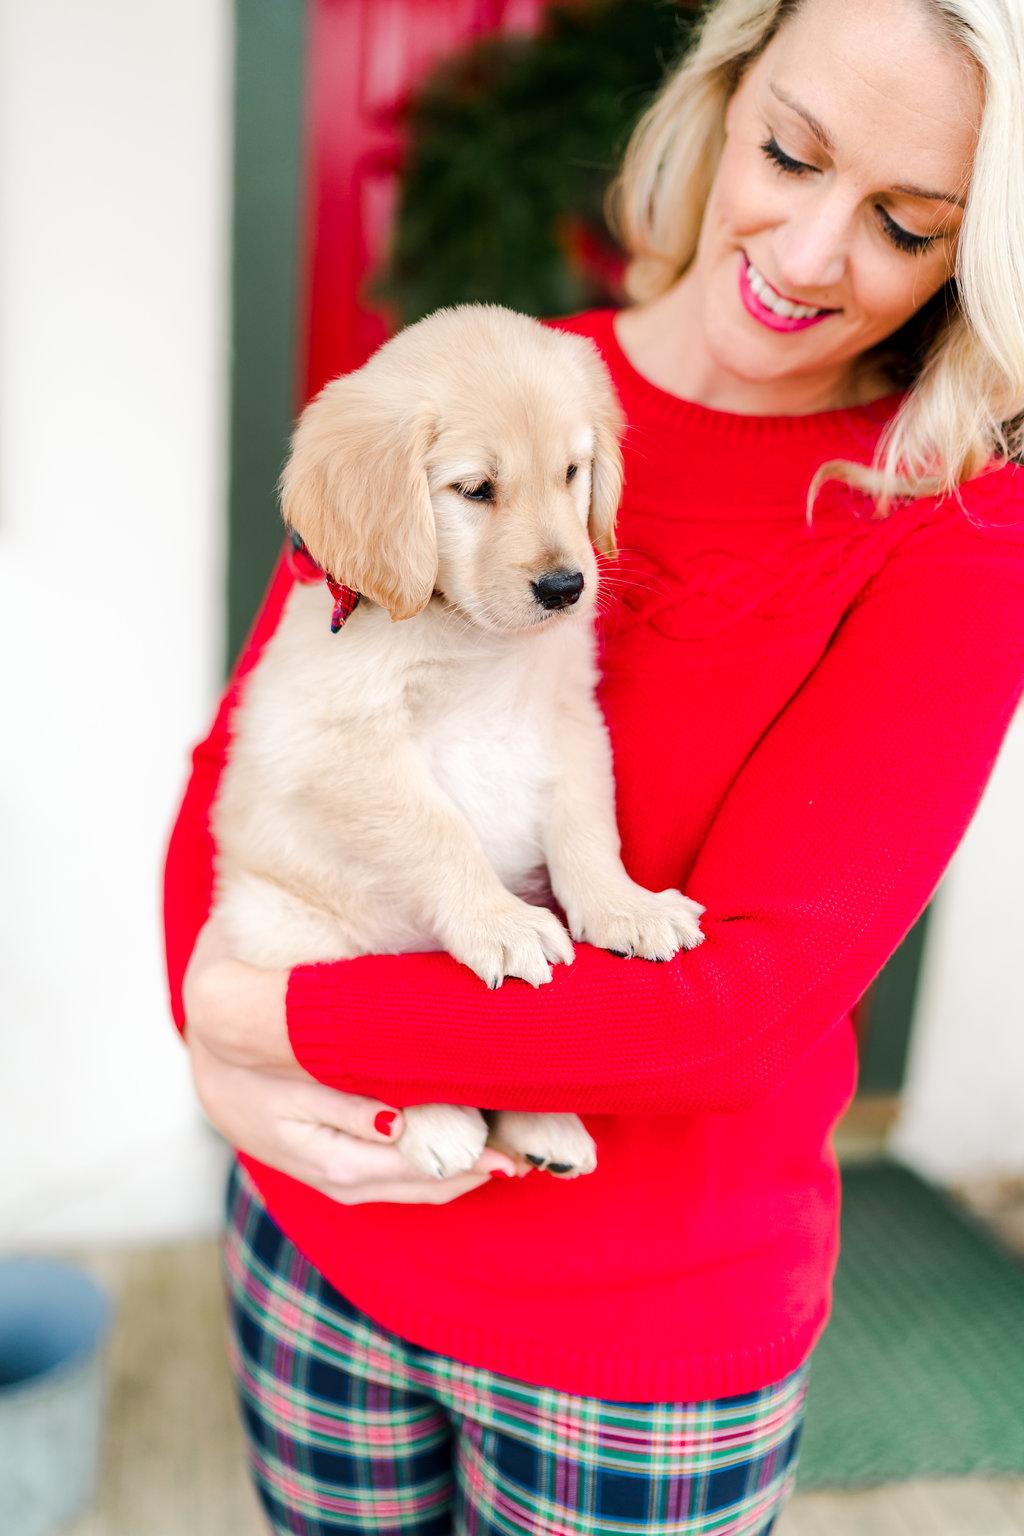 Vermont Ski House Chalet Golden Retriever Puppy